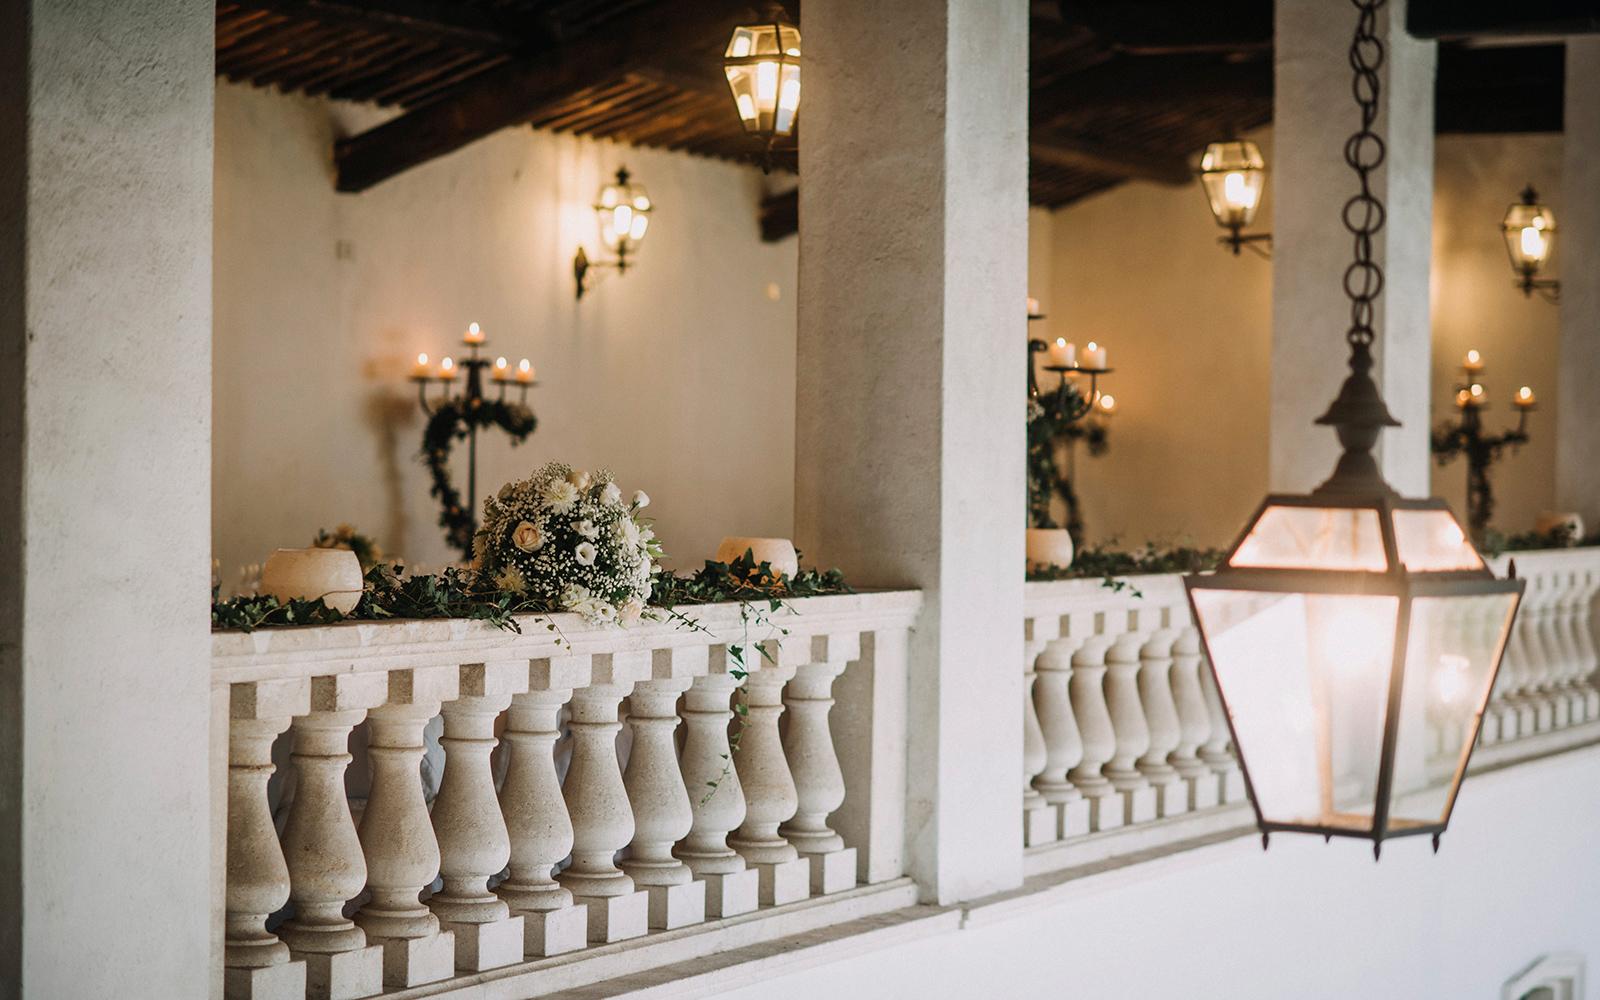 ala ricevimento matrimoni, Sala ricevimento matrimonio, feste di matrimonio Vicenza, feste di matrimonio Padova, location con giardino esterno Vicenza, Villa per ricevimenti